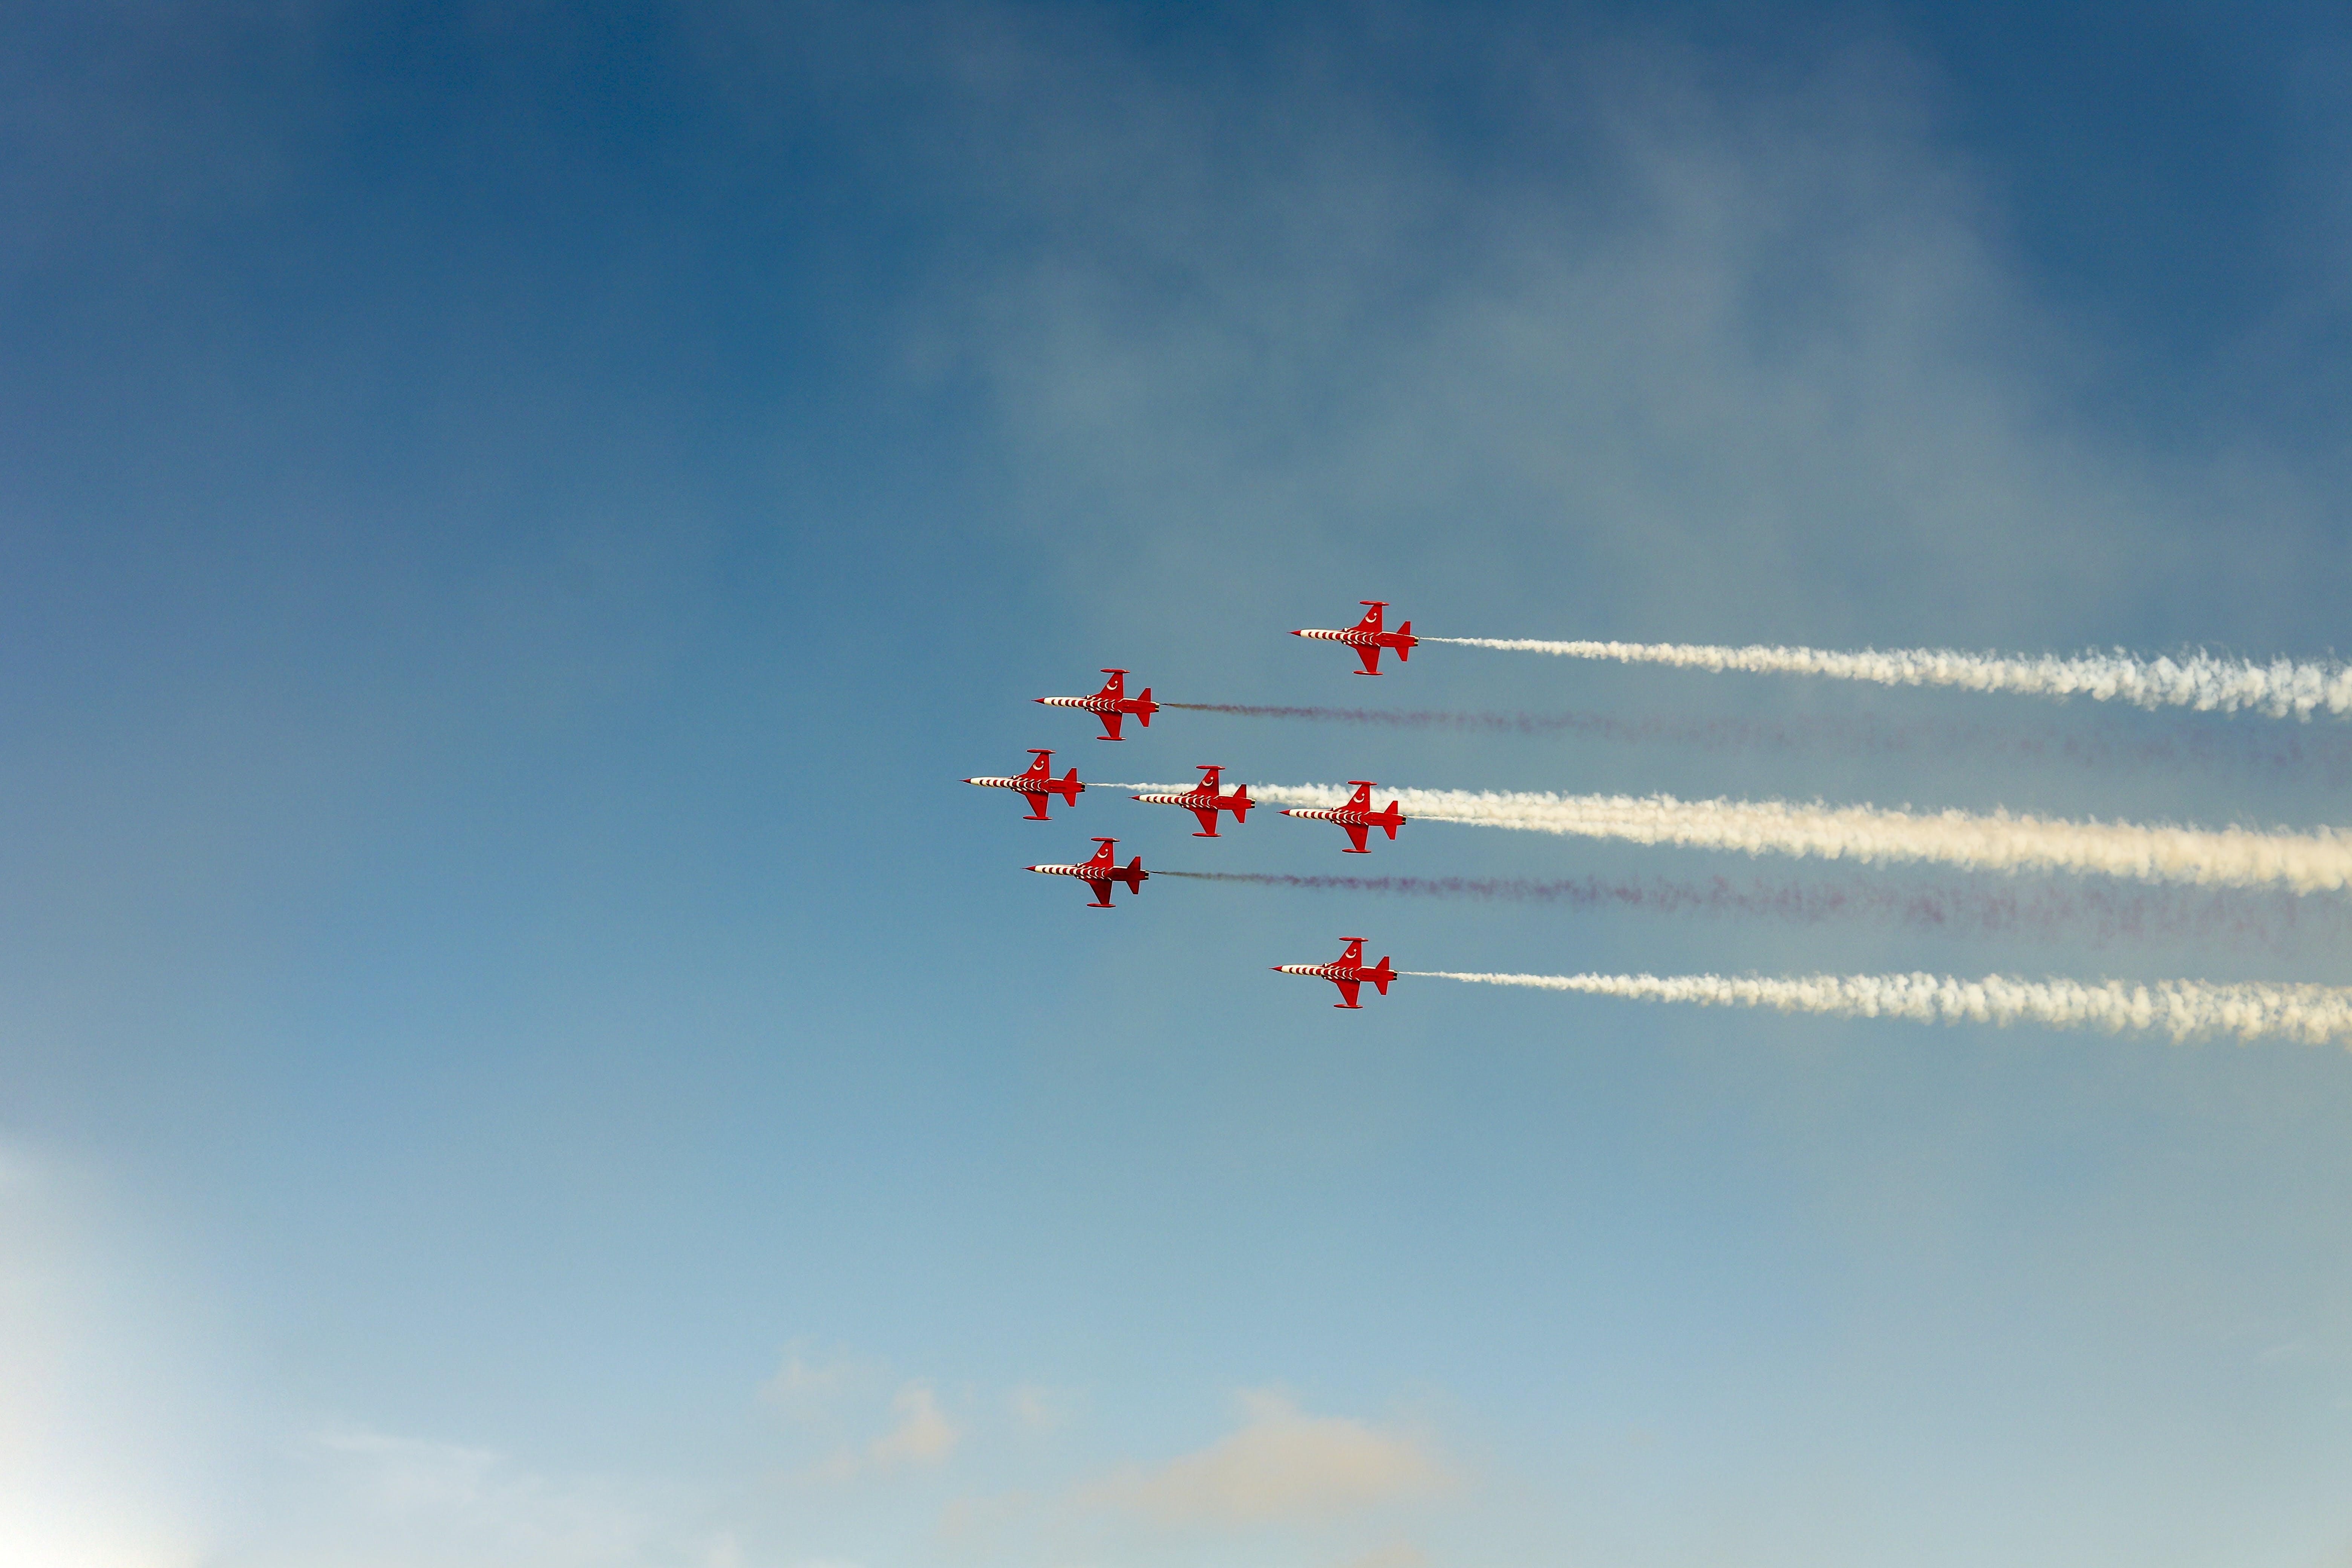 Δωρεάν στοκ φωτογραφιών με aviate, jet μαχητής, αγωνιστής, αέρας